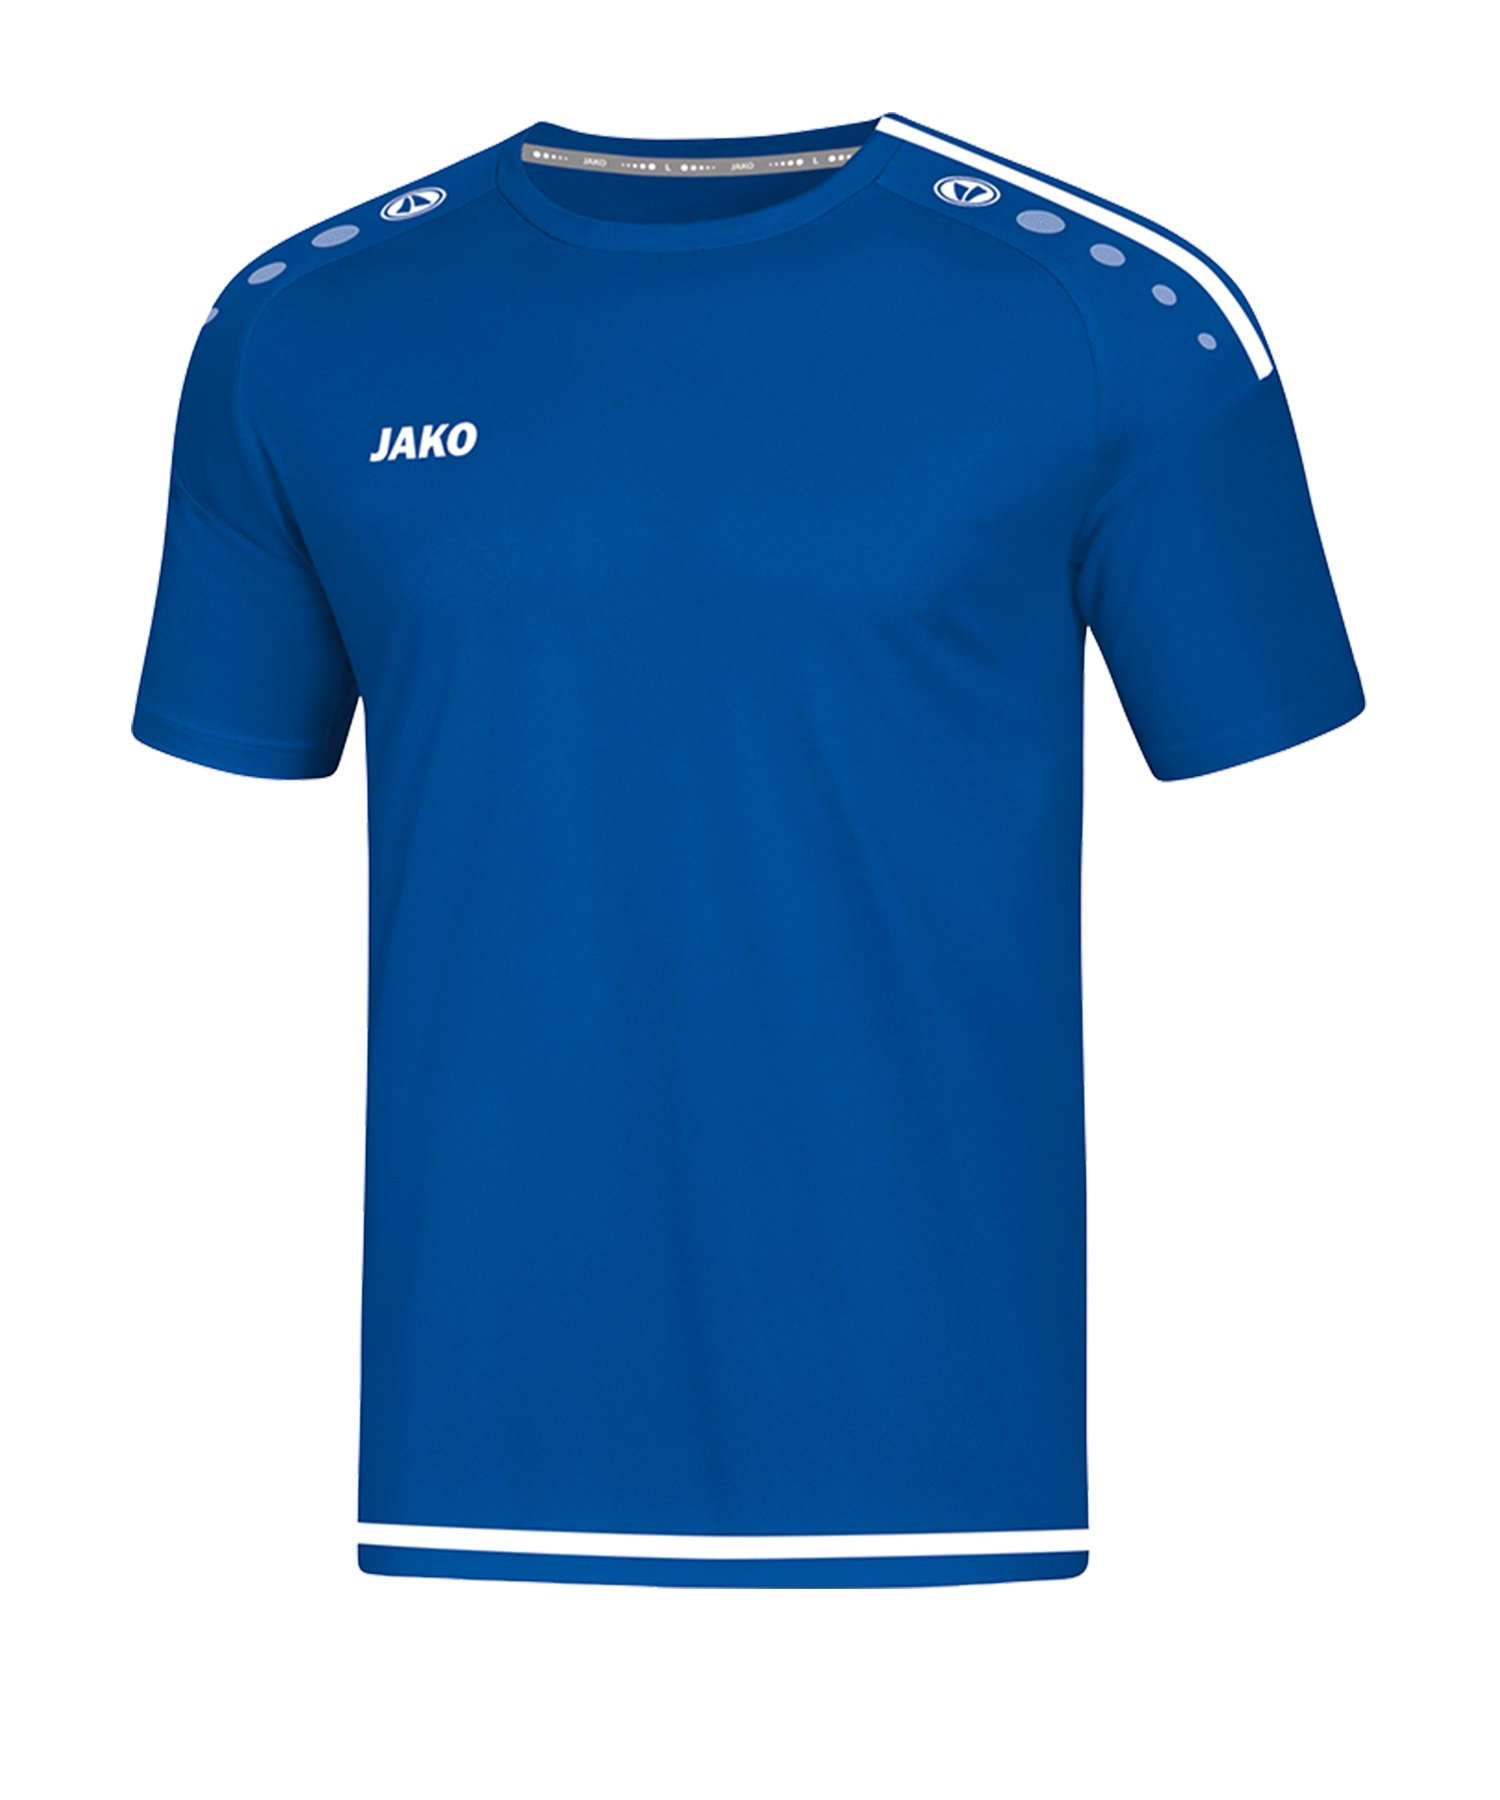 Jako Striker 2.0 Trikot kurzarm Blau Weiss F04 - Blau